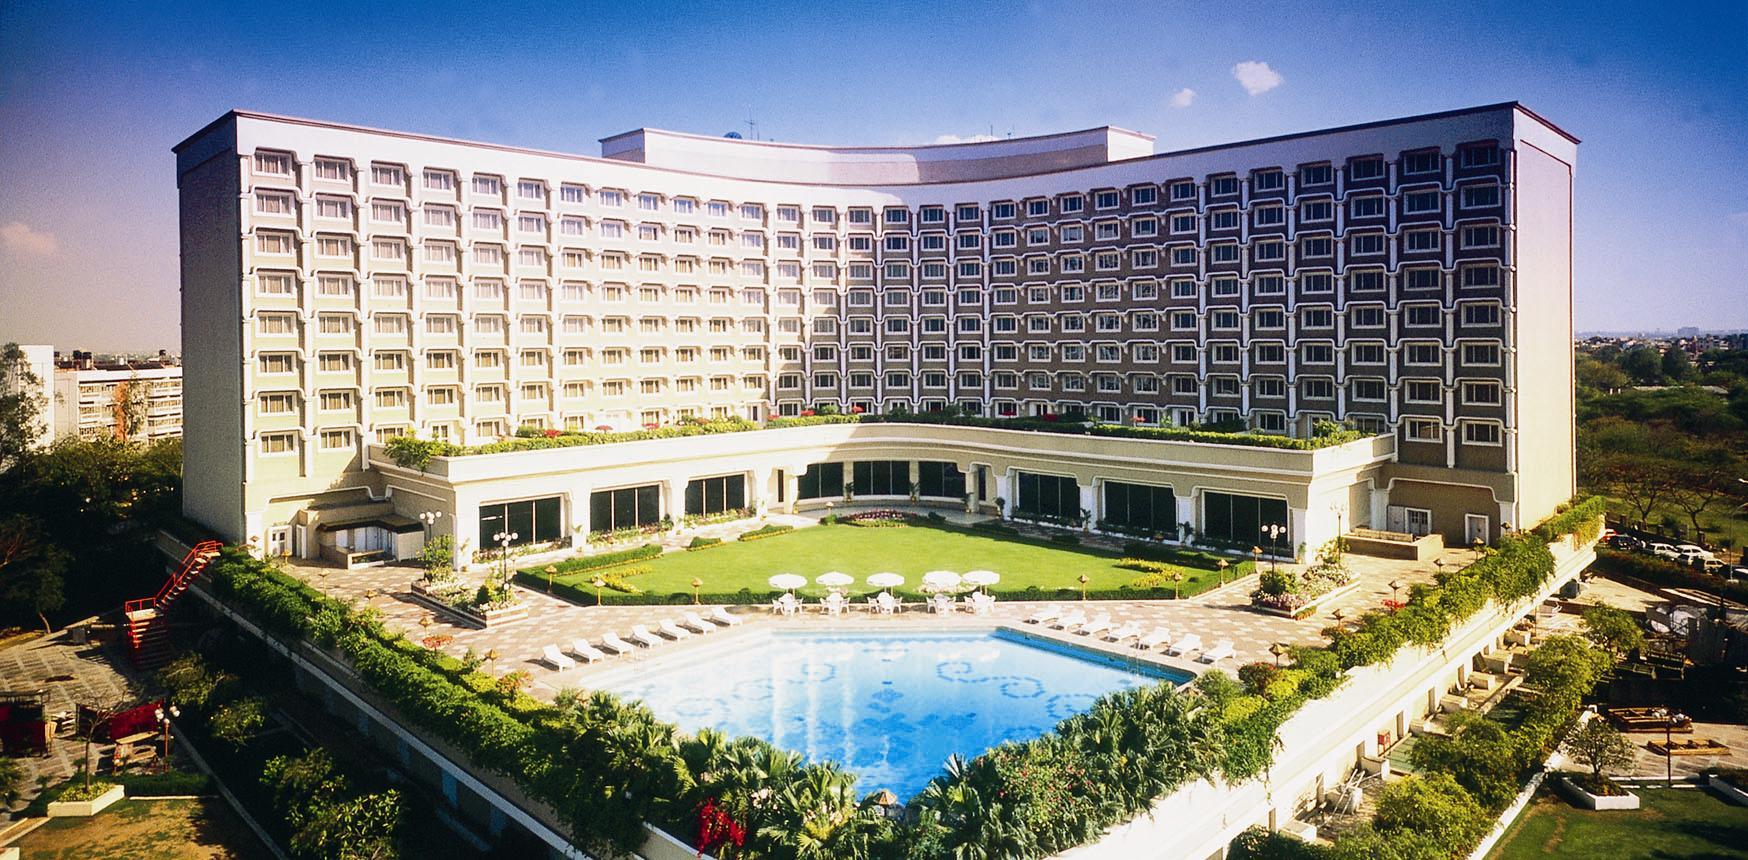 Taj palace Hotel in New Delhi India